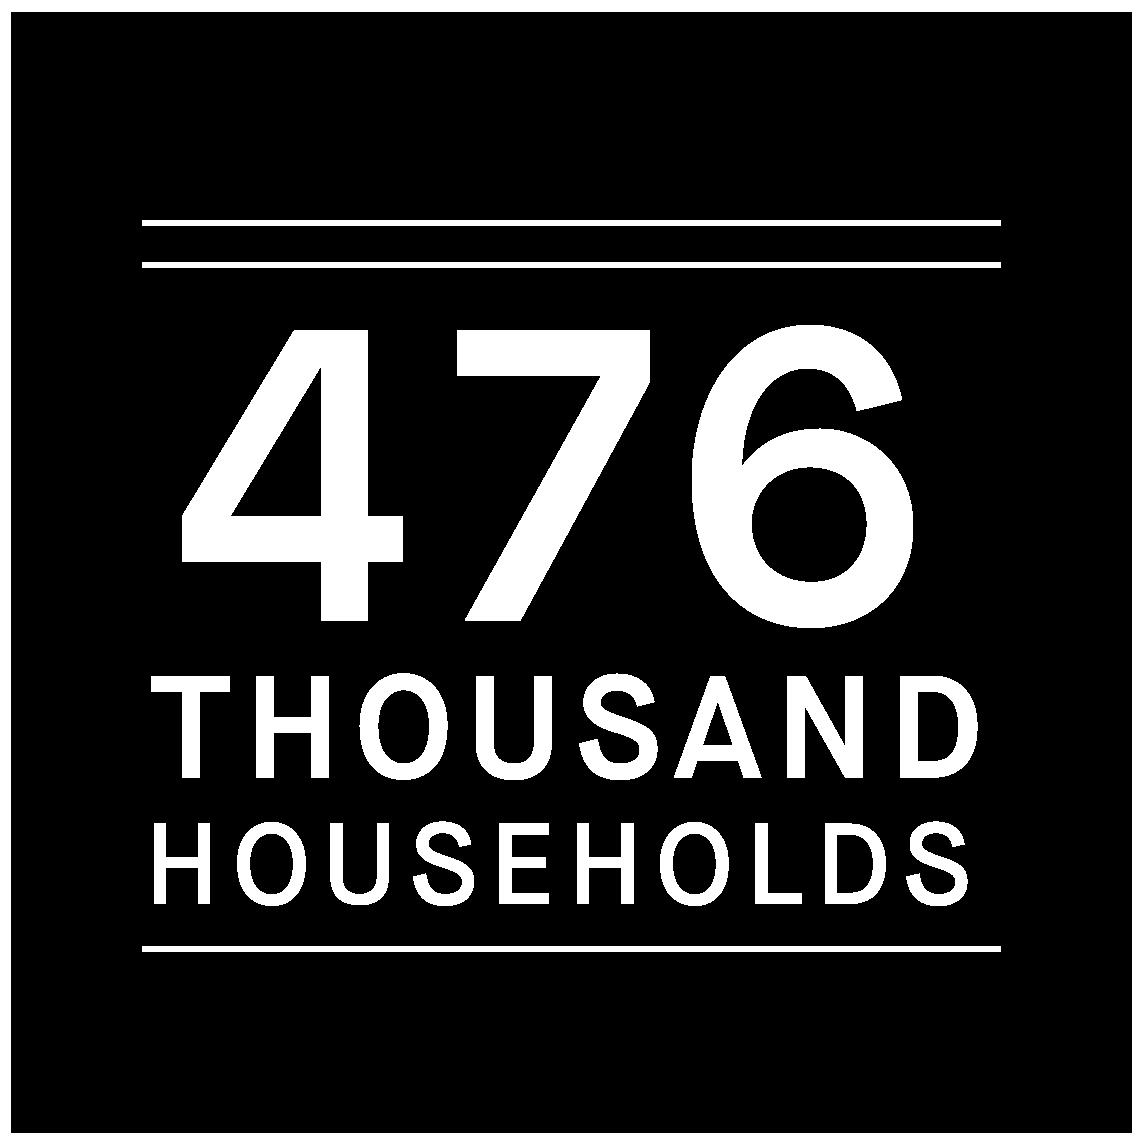 476,000 households